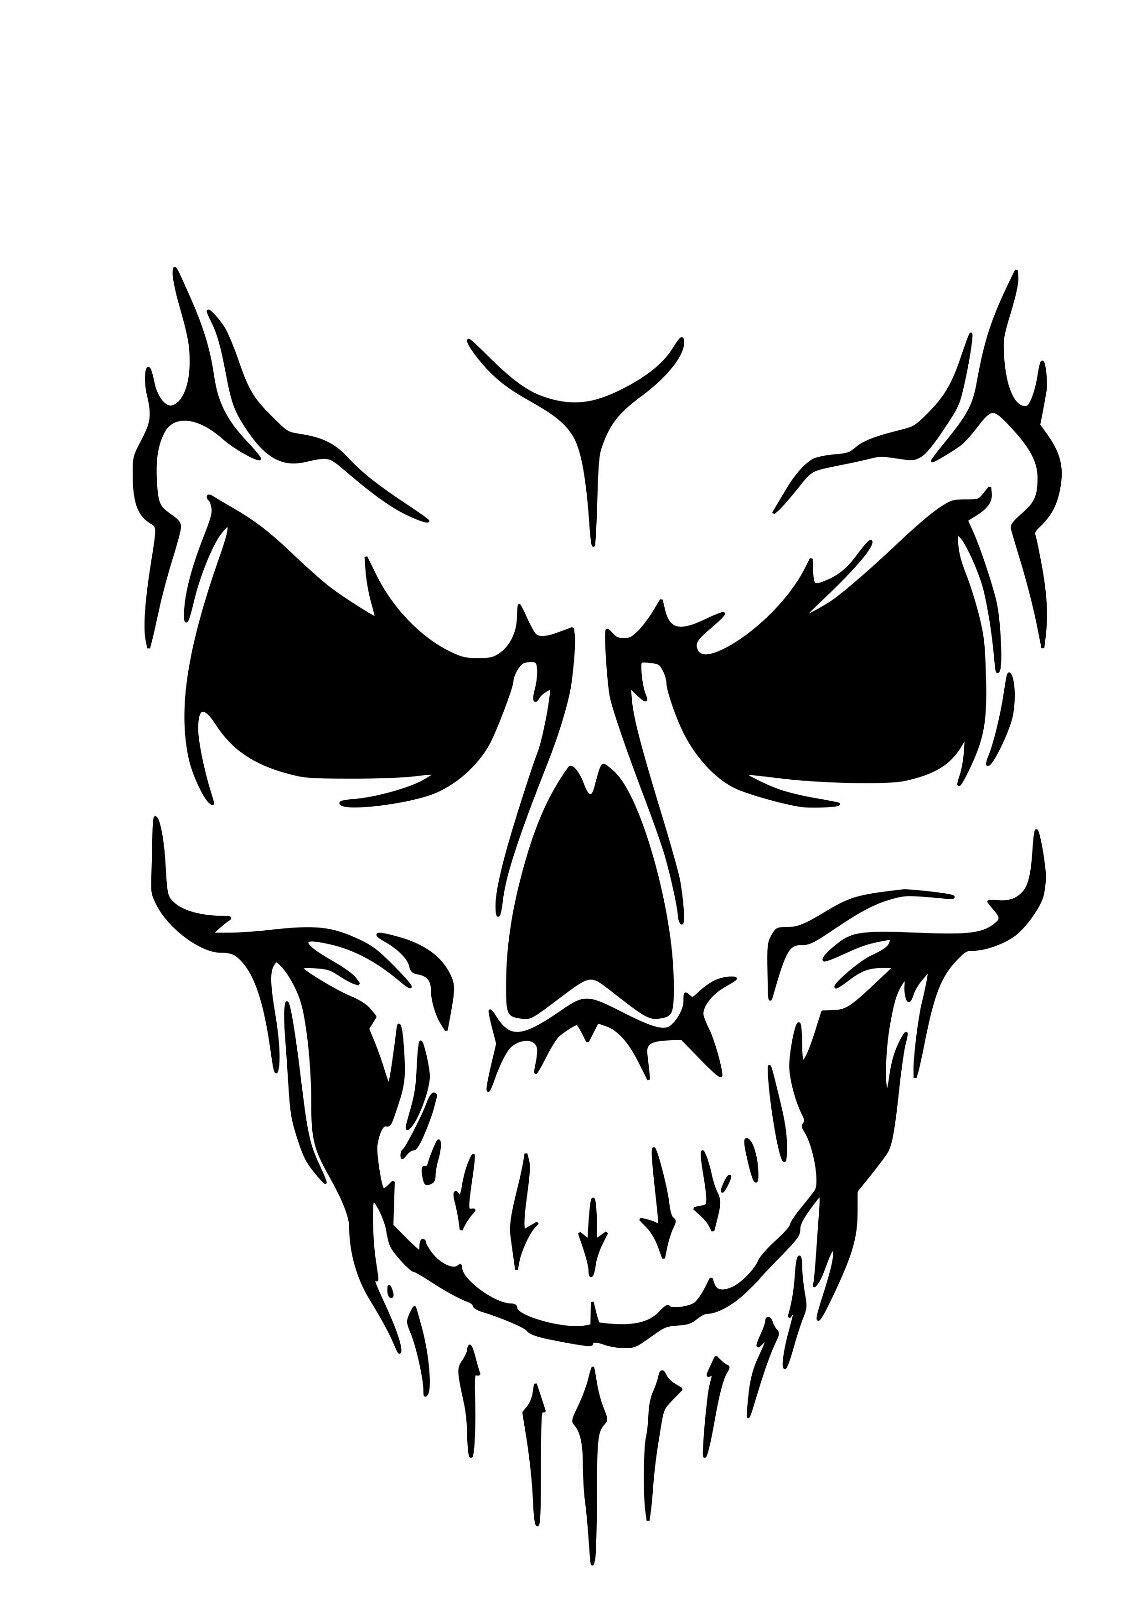 100 Free Printable Airbrush Stencils - Free Printable Airbrush Stencils